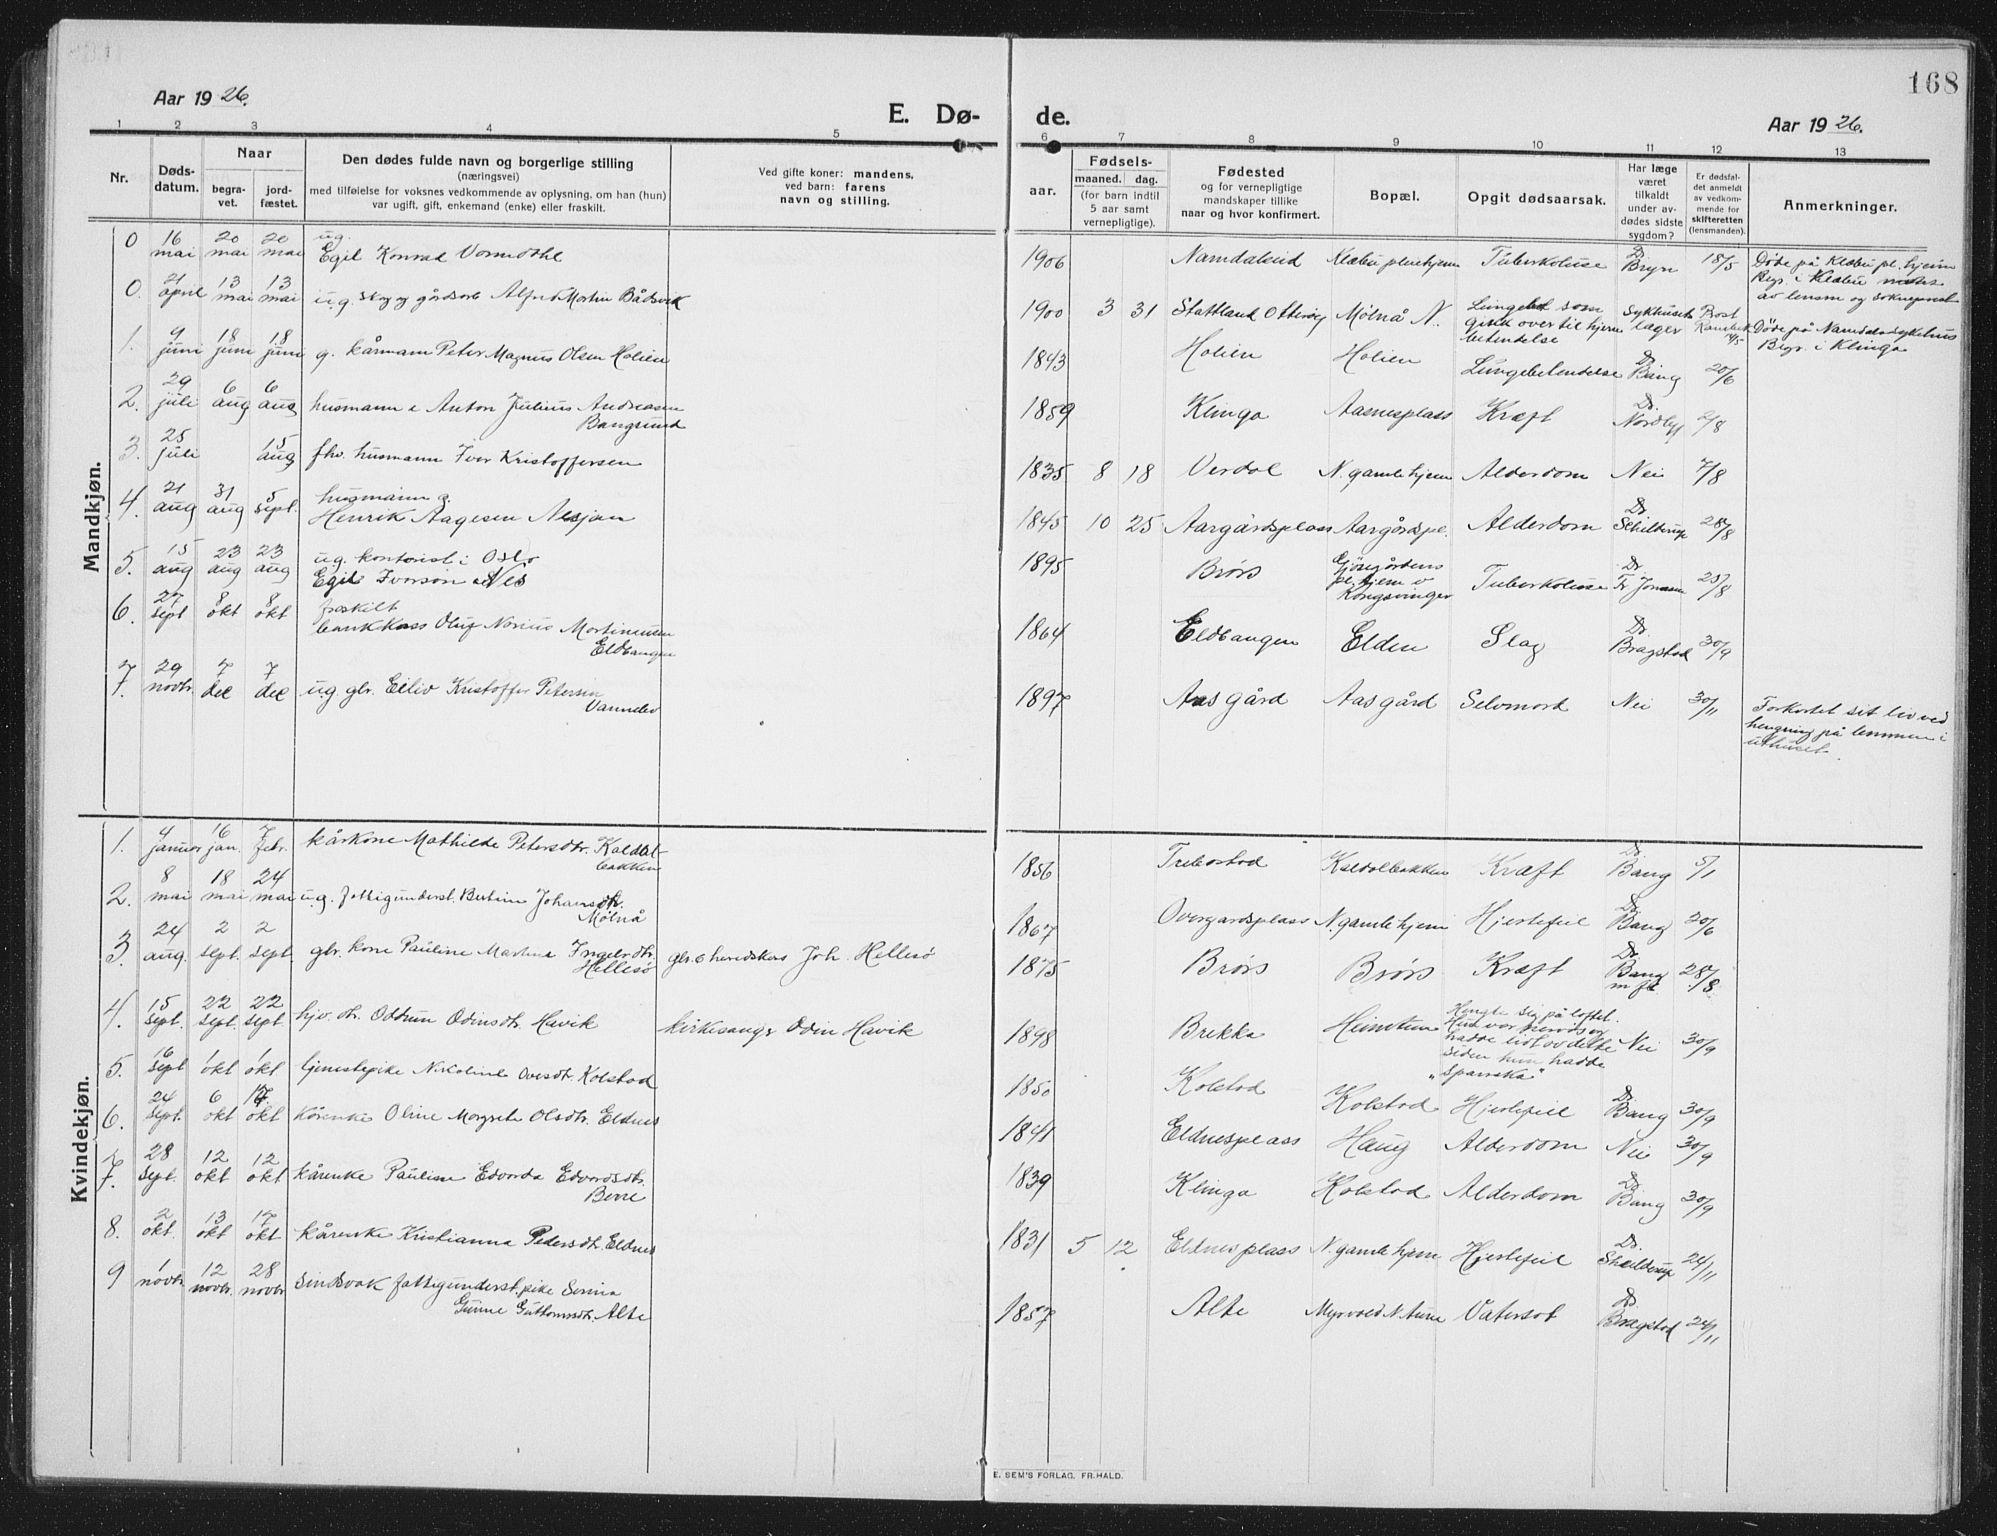 SAT, Ministerialprotokoller, klokkerbøker og fødselsregistre - Nord-Trøndelag, 742/L0413: Klokkerbok nr. 742C04, 1911-1938, s. 168